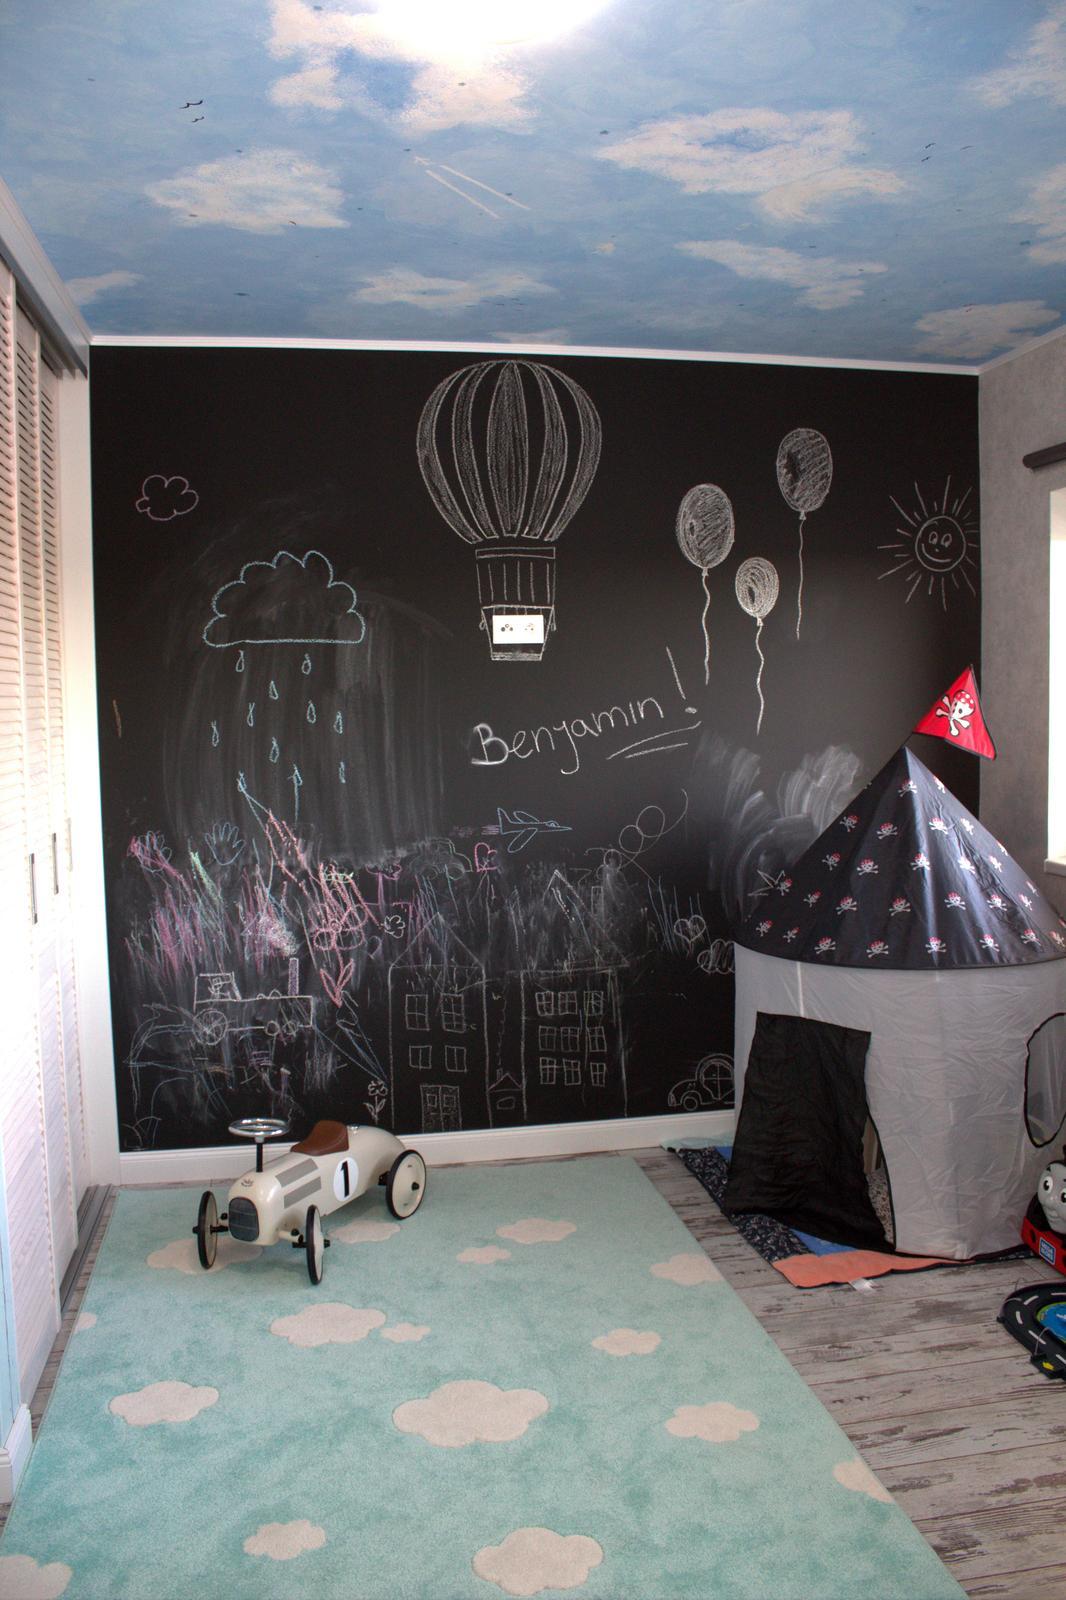 Tož, konečně! - tabulova barva od nikido.cz a maluvky v levo dole - original umeni Benicka :*